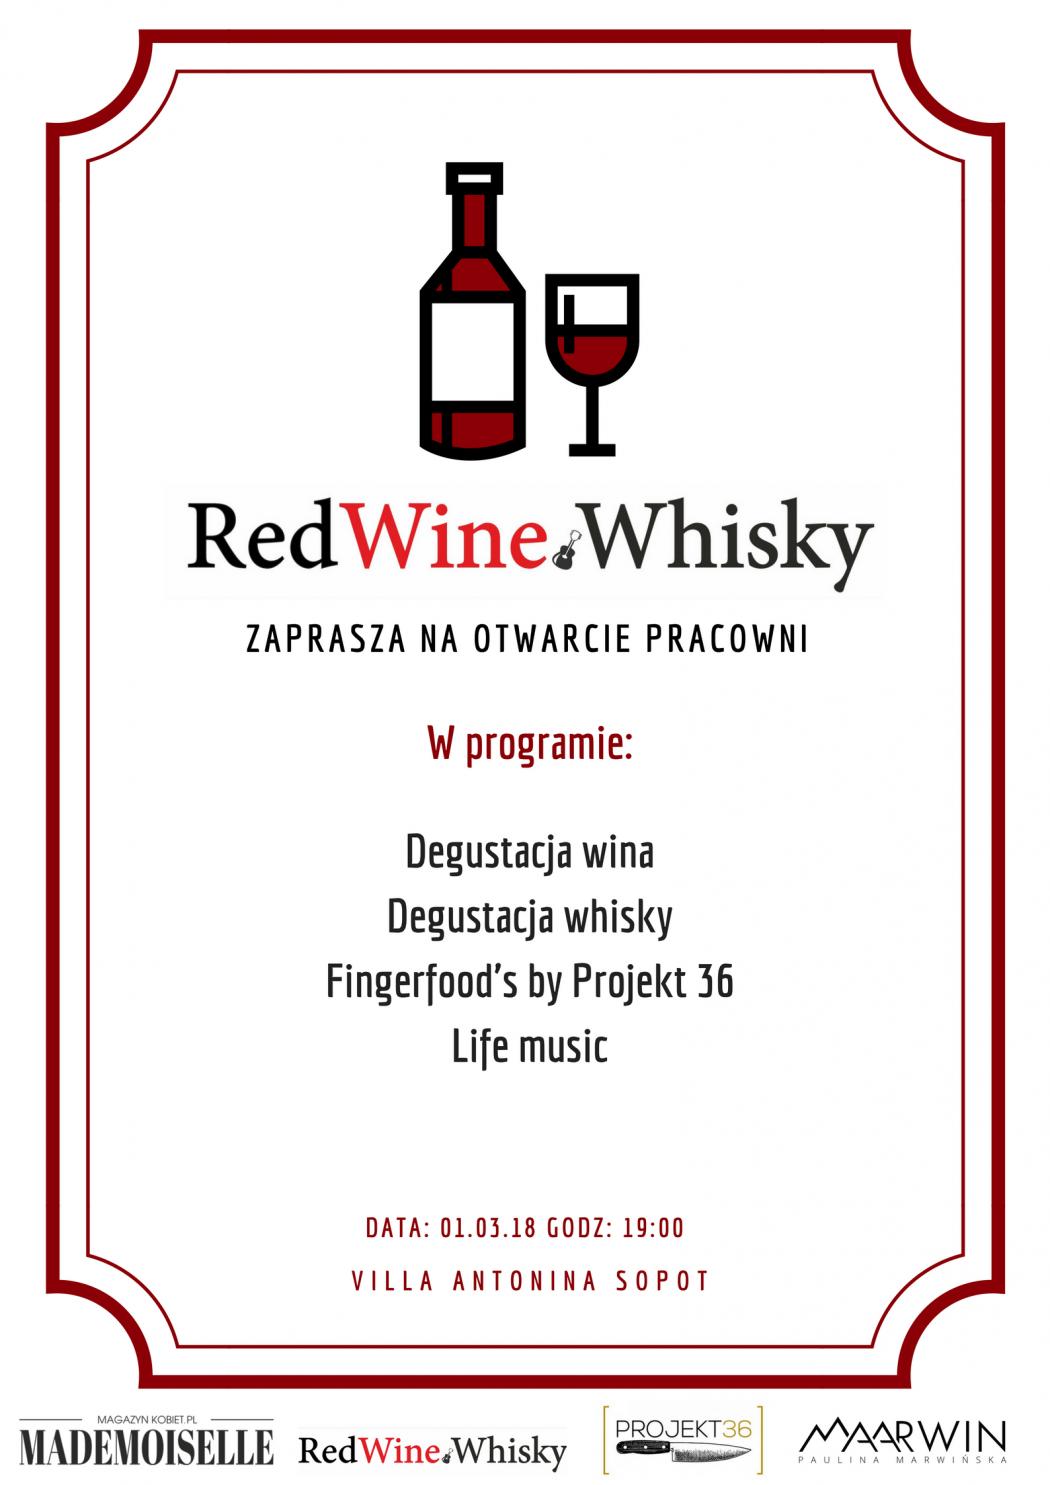 magazynkobiet.pl - plplpl 1050x1485 - Otwarcie pracowni marki Red Wine&Whisky